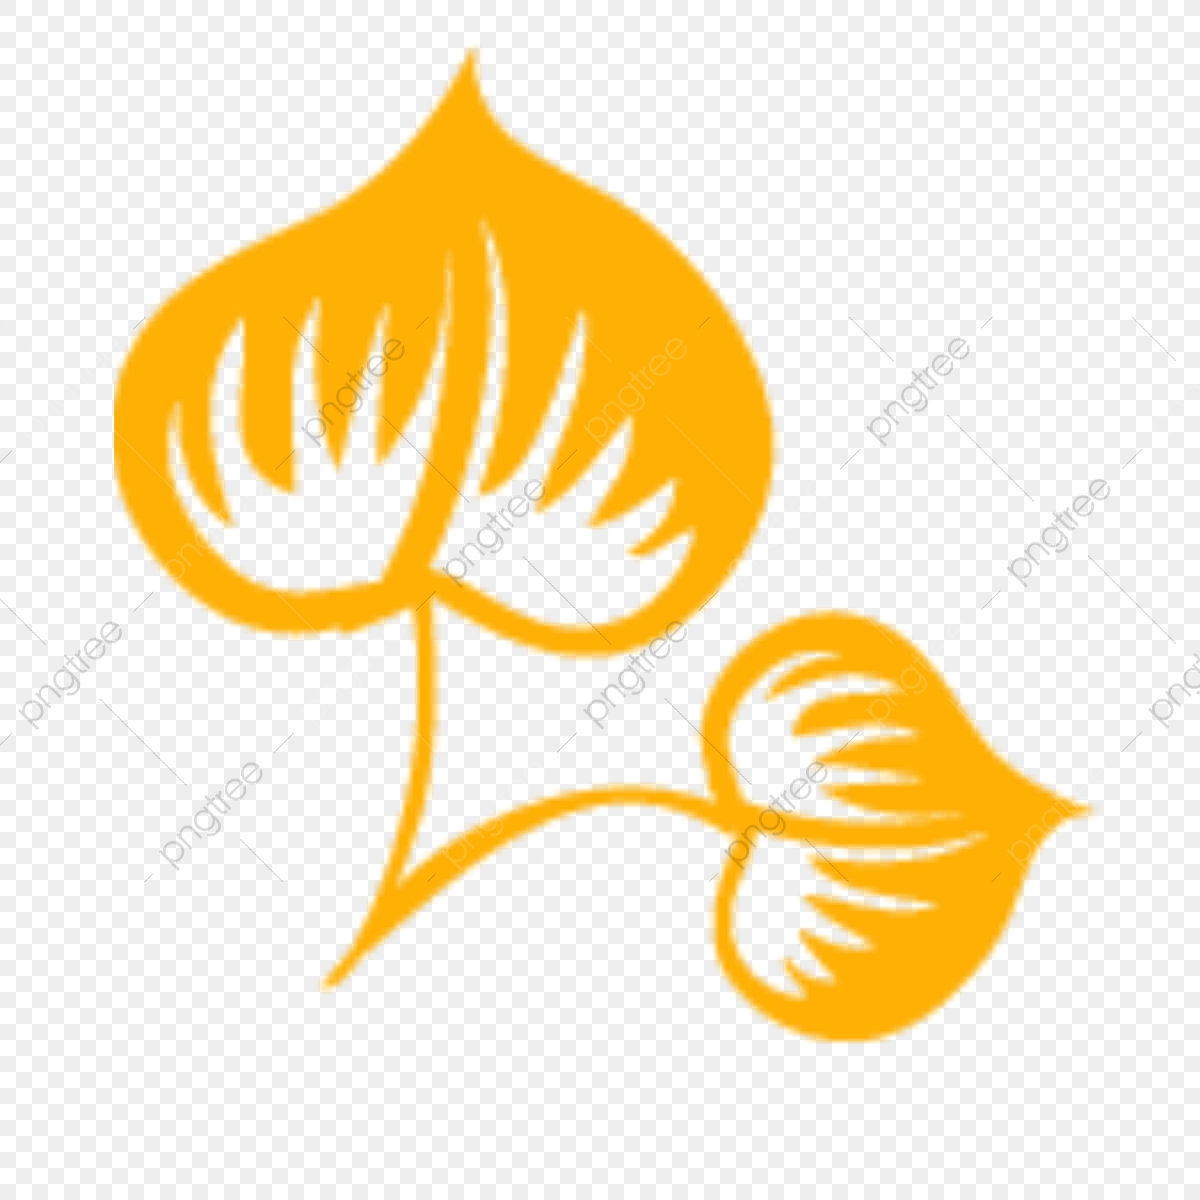 Leaf Vector Logo Sin Fondo Png, Vector Logo Hoja Hoja Hoja De Fondo.